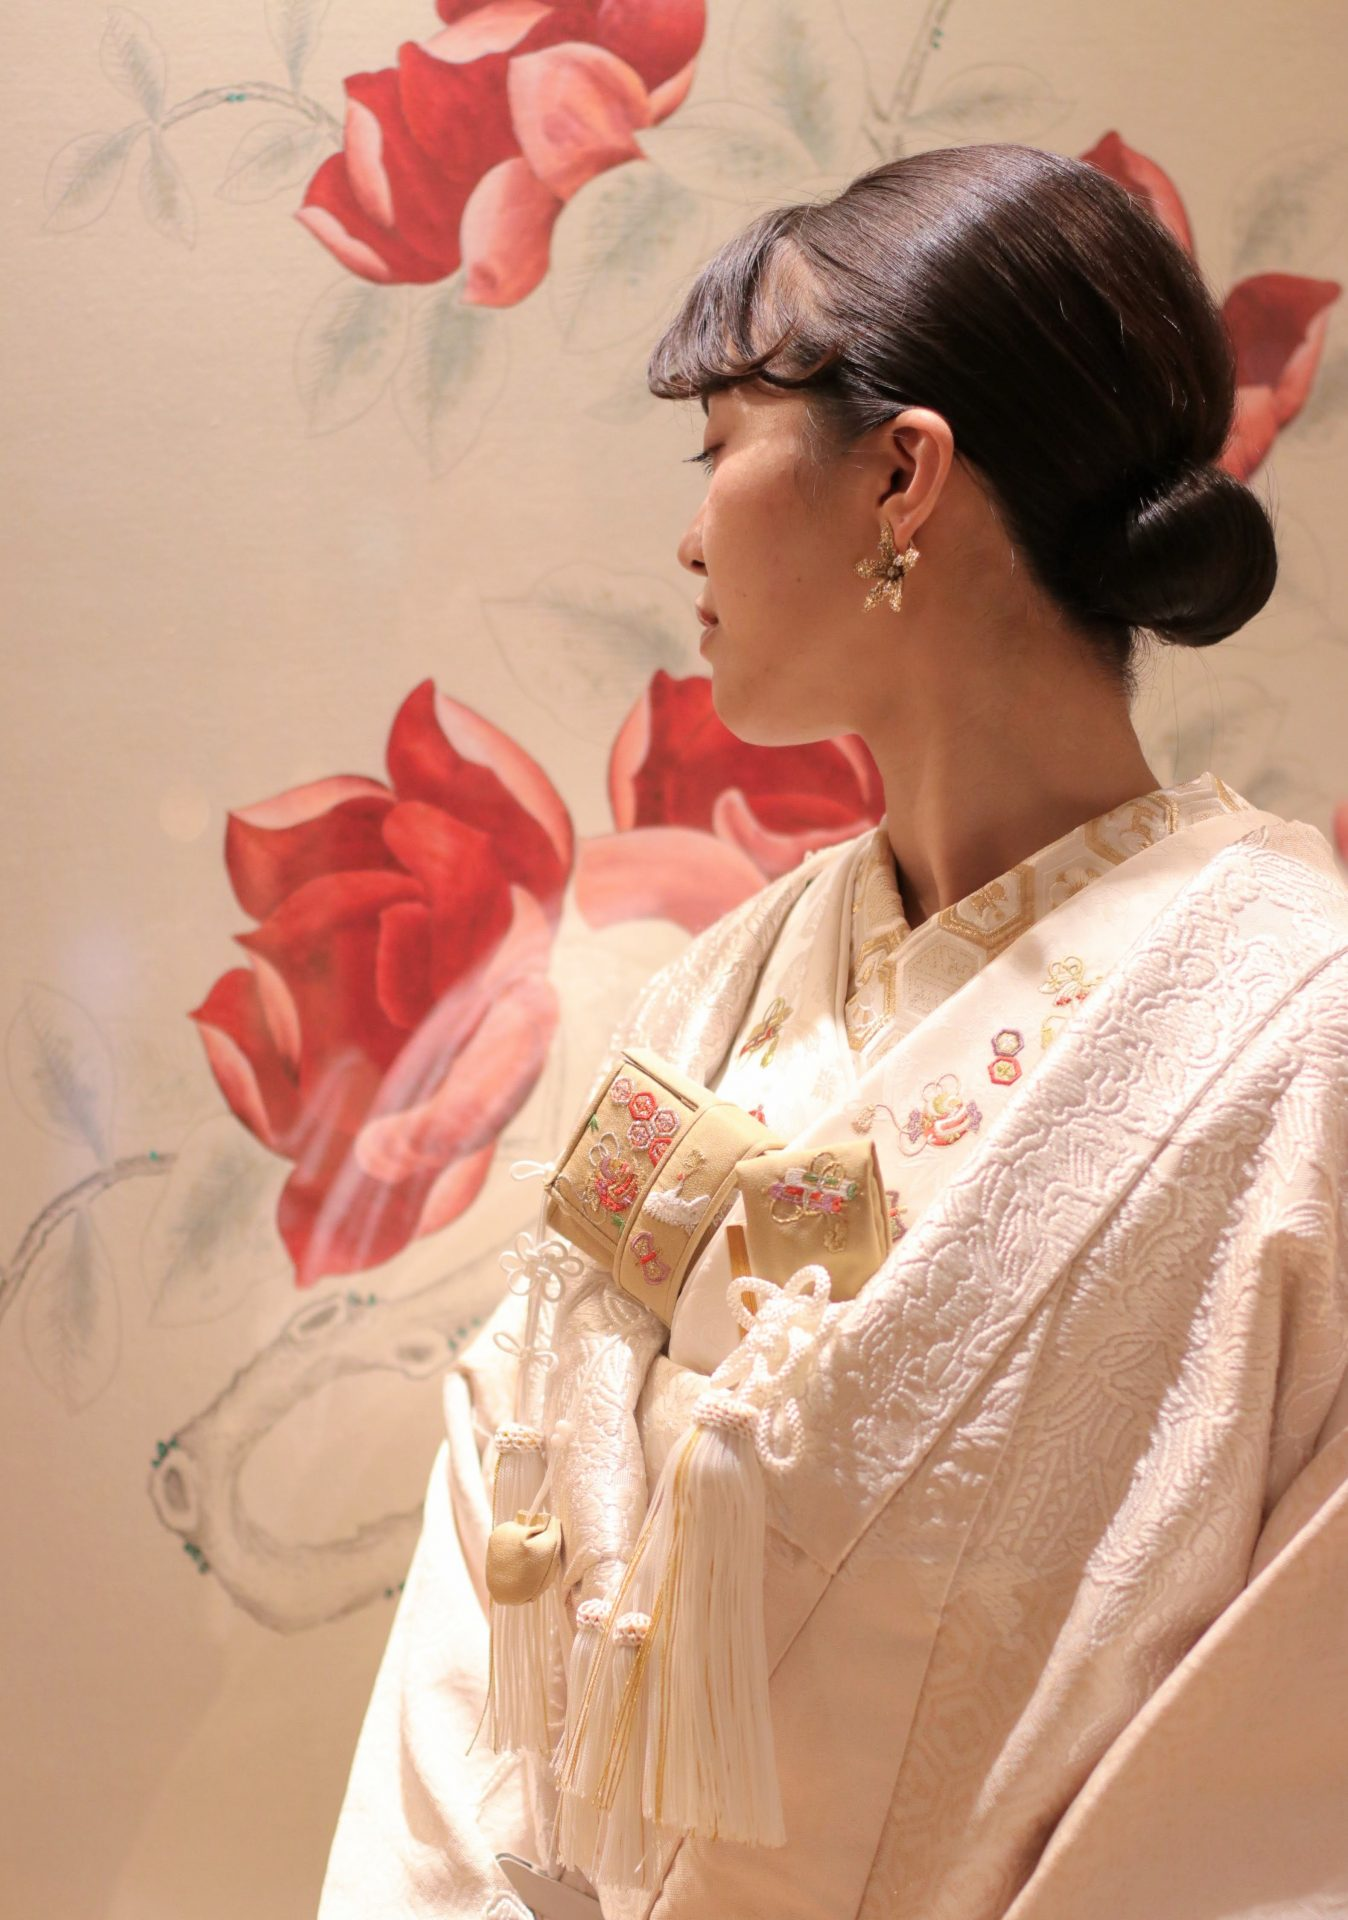 ザ・トリート・ドレッシングの提携会場である、東京の五つ星ラグジュアリーホテル パレスホテル東京の神殿にて行う結婚式には、鶴や鳳凰の柄ではなく豪華絢爛な四季の花がふんだんに織られた春らしくモダンなお小物でコーディネートし、花嫁様の白無垢姿をより一層お洒落に引き立てます